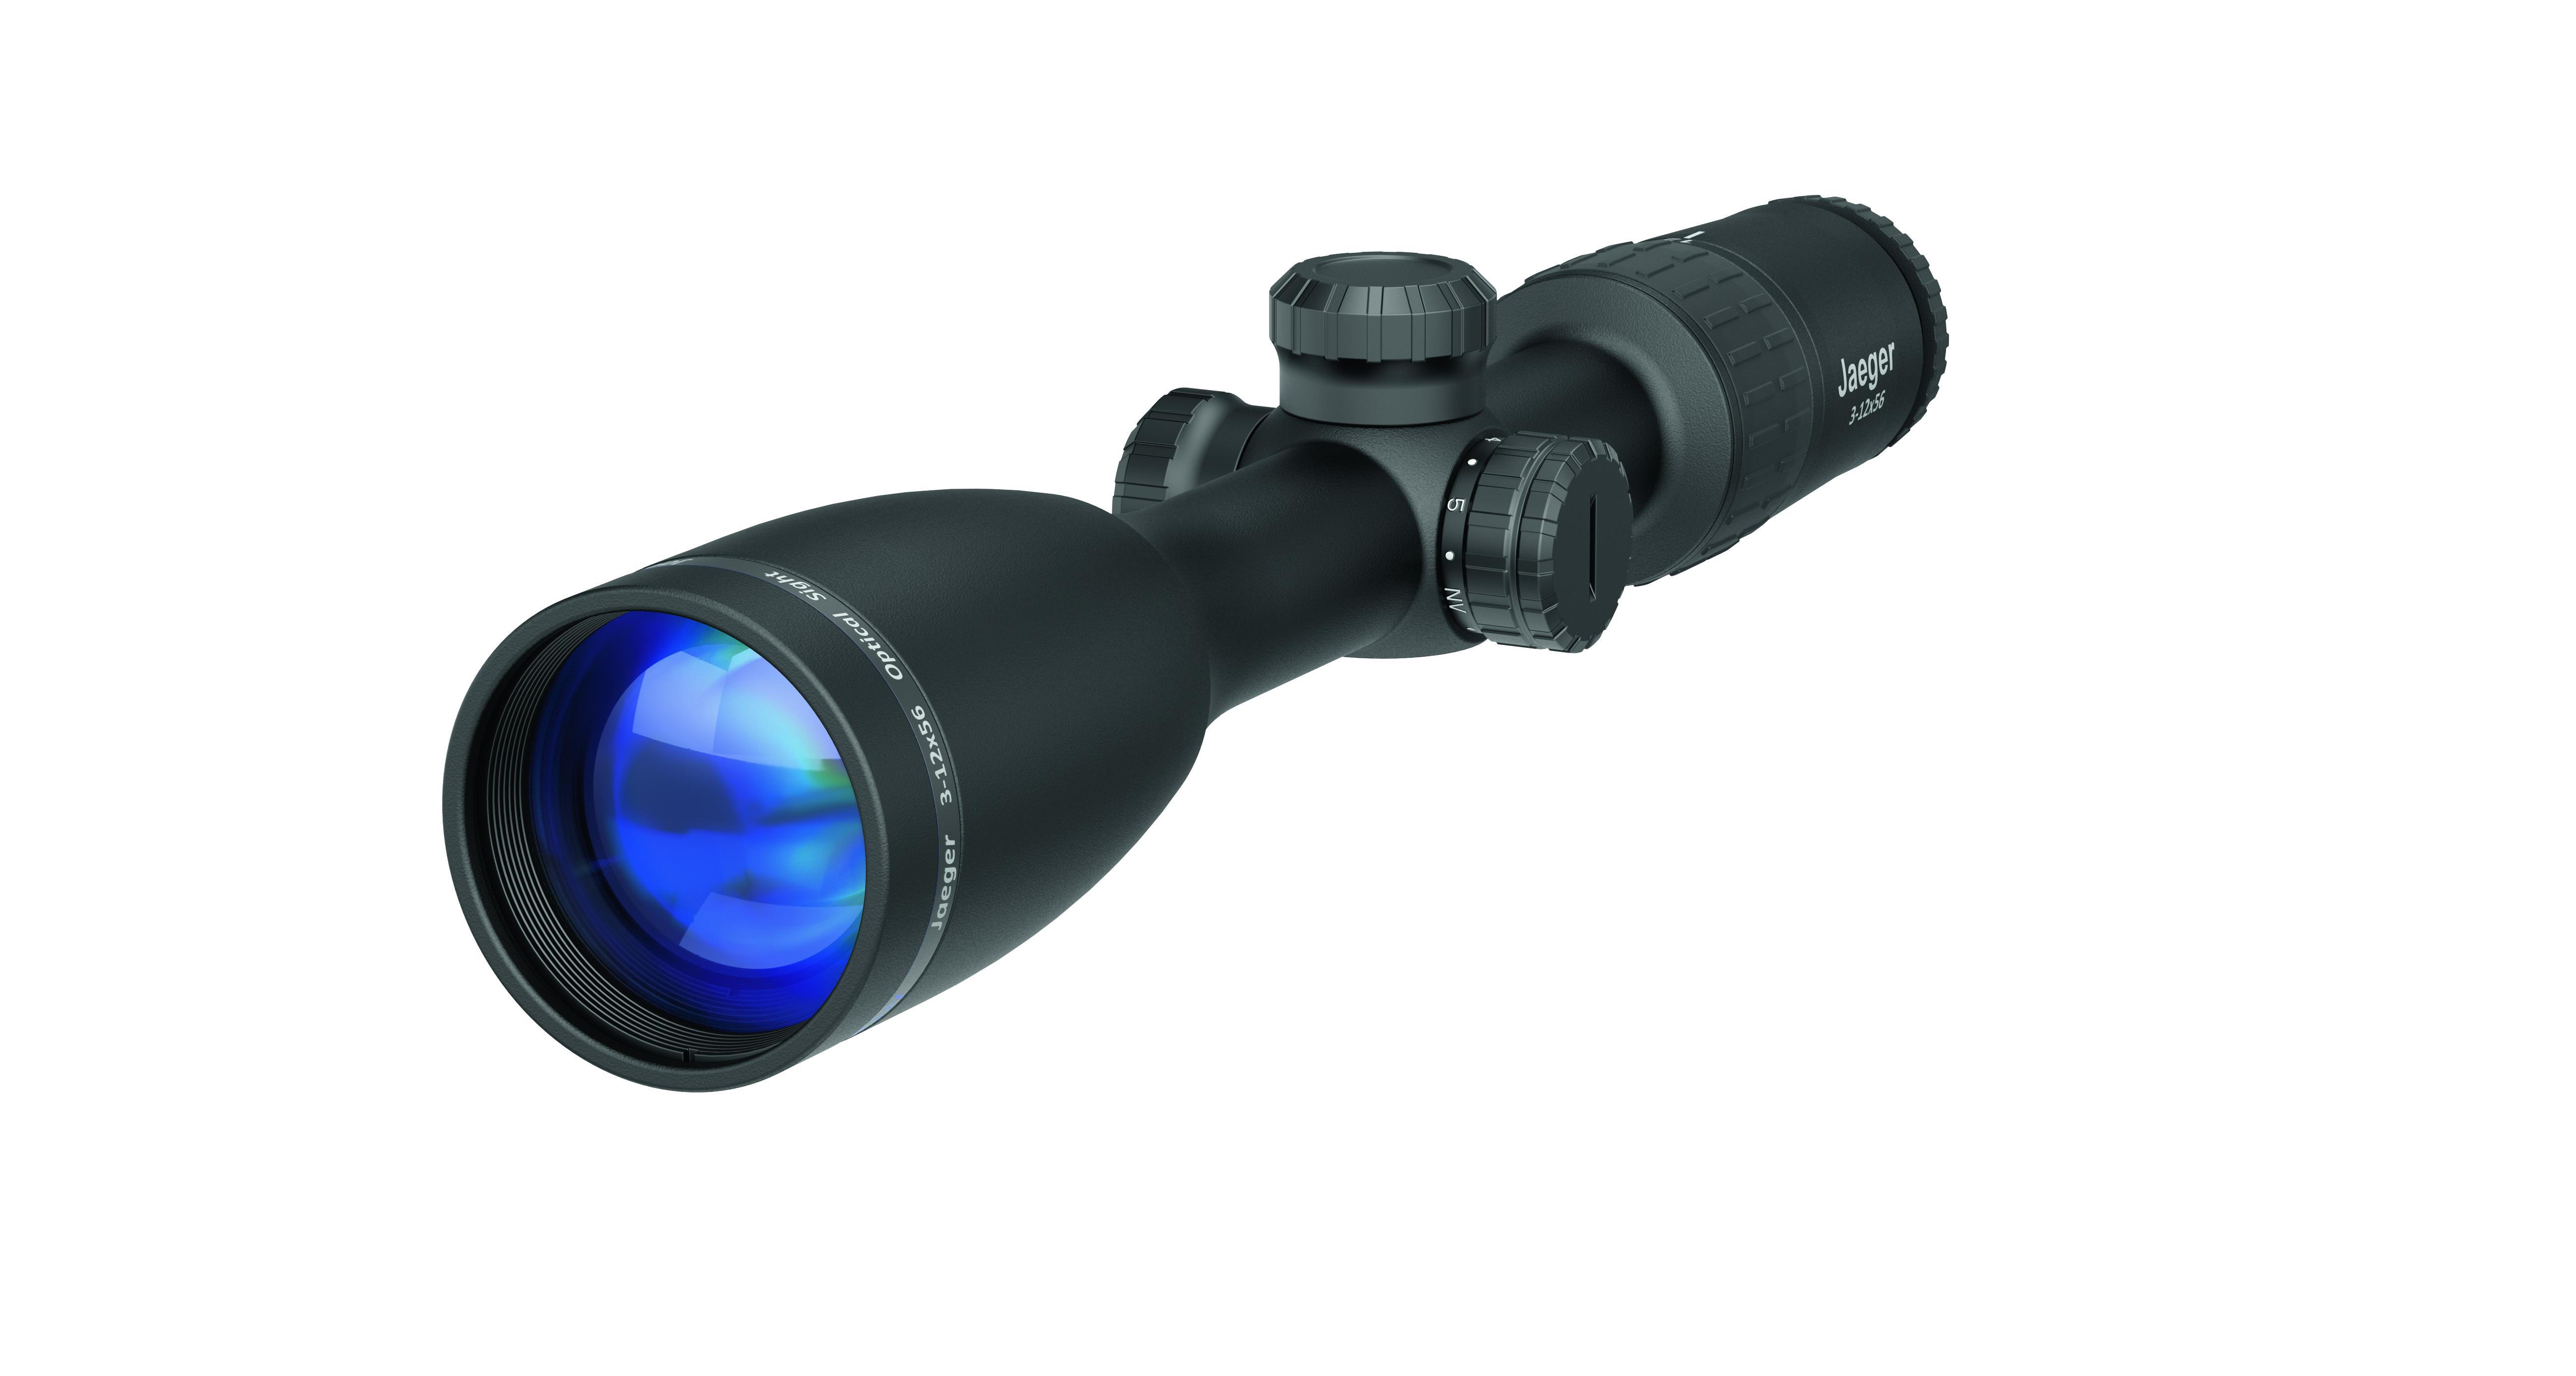 Zielfernrohr Mit Entfernungsmesser Einstellen : Bushnell zielfernrohr ar mm drop zone